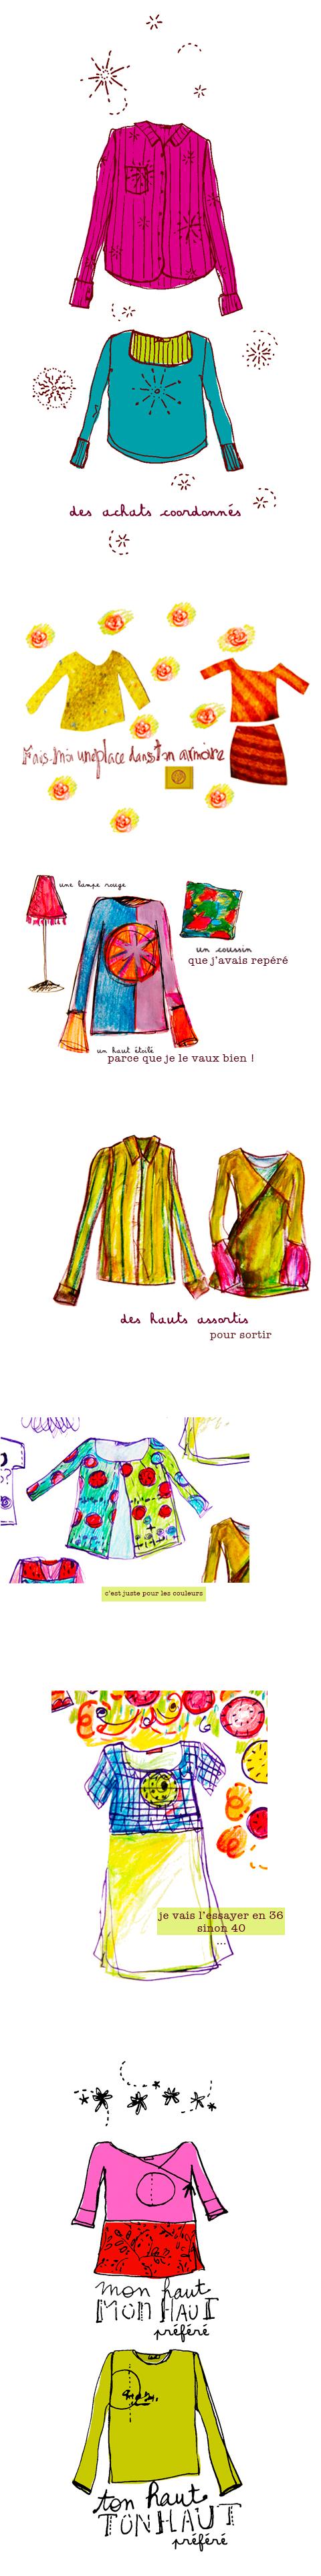 croquis la-garde-robes - Sophie Plouvier